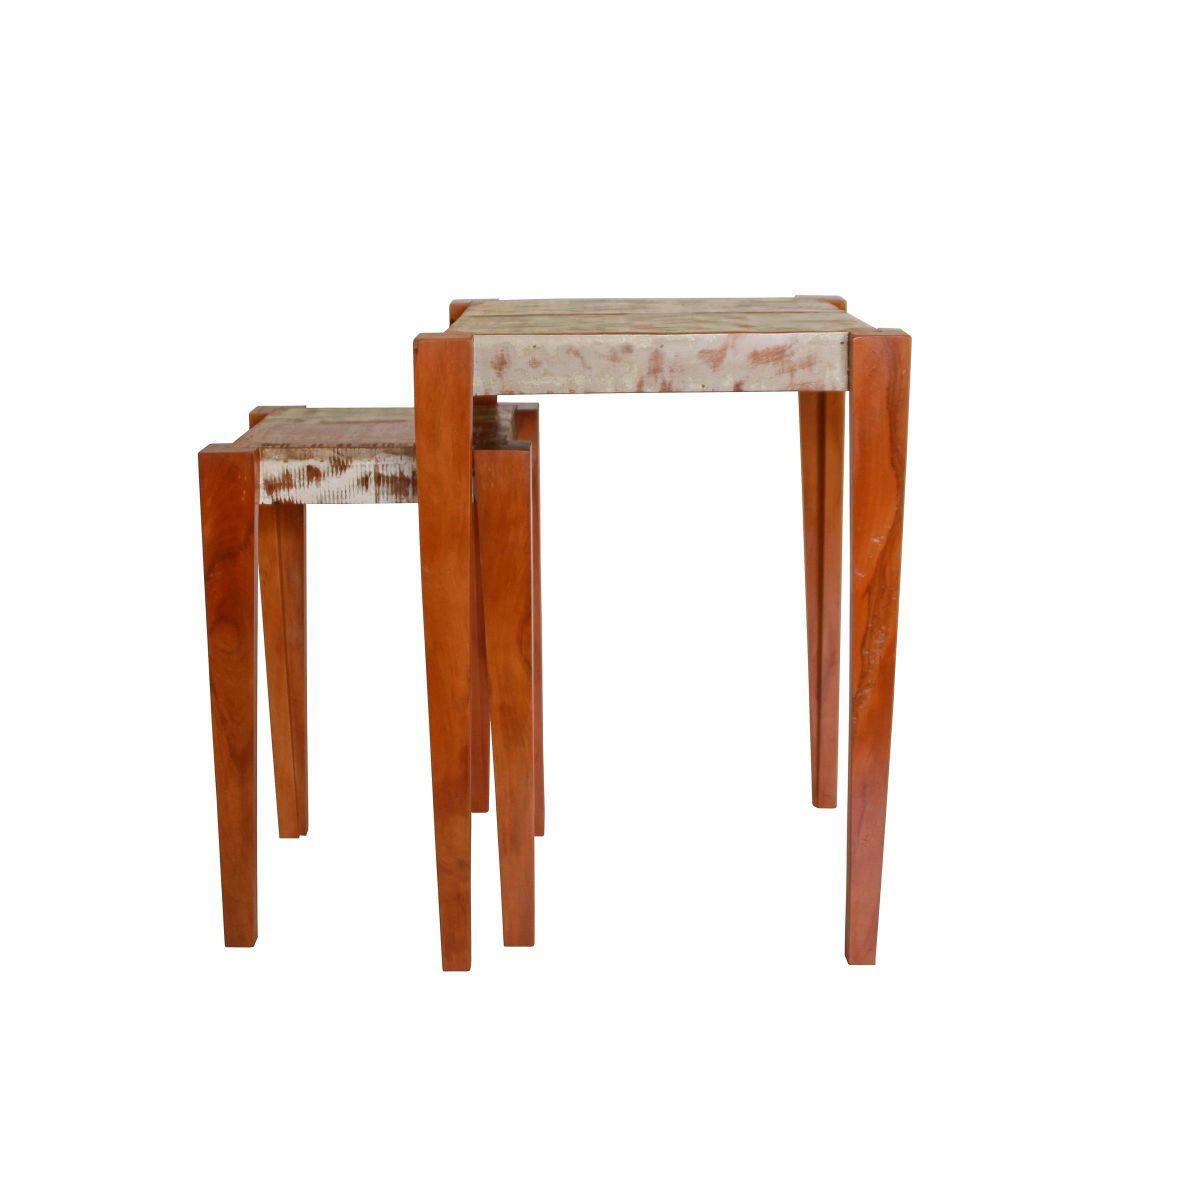 Mesa De Cabeceira modelo Ninho Em Madeira Maciça De Demolição com Resto de Tinta Antiga